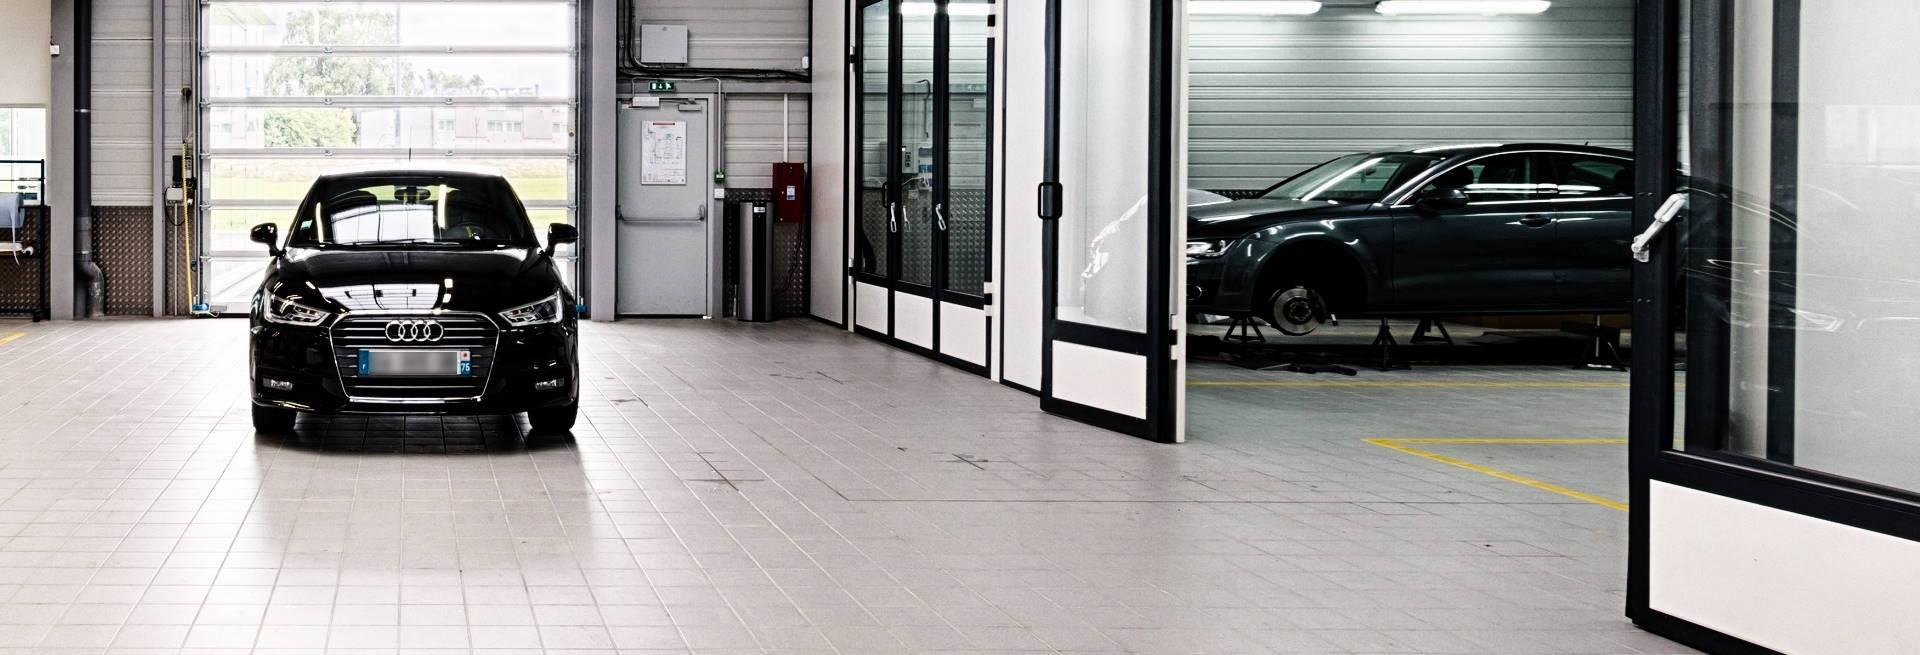 Atelier carrosserie Bauer Paris Saint-Witz Audi